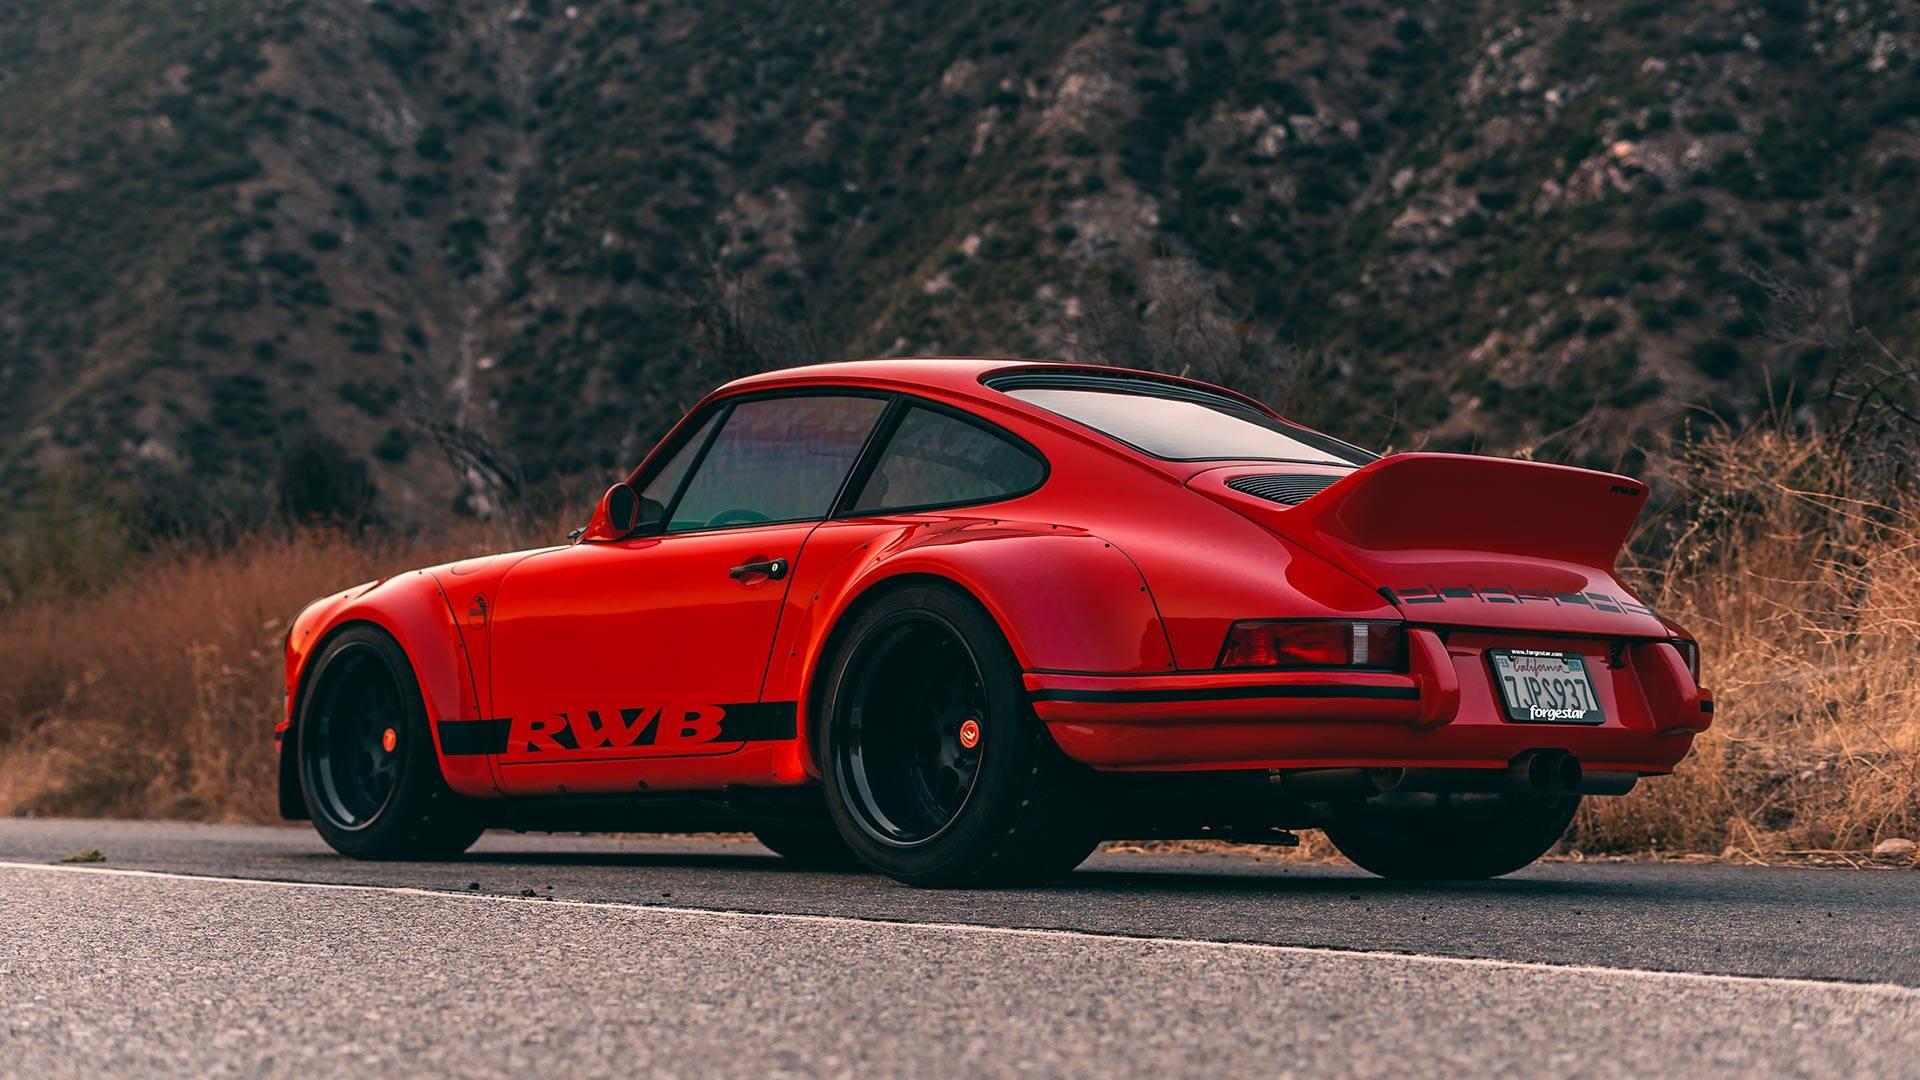 431 best Rwb images on Pholder Carporn Porsche and Autos 1920x1080